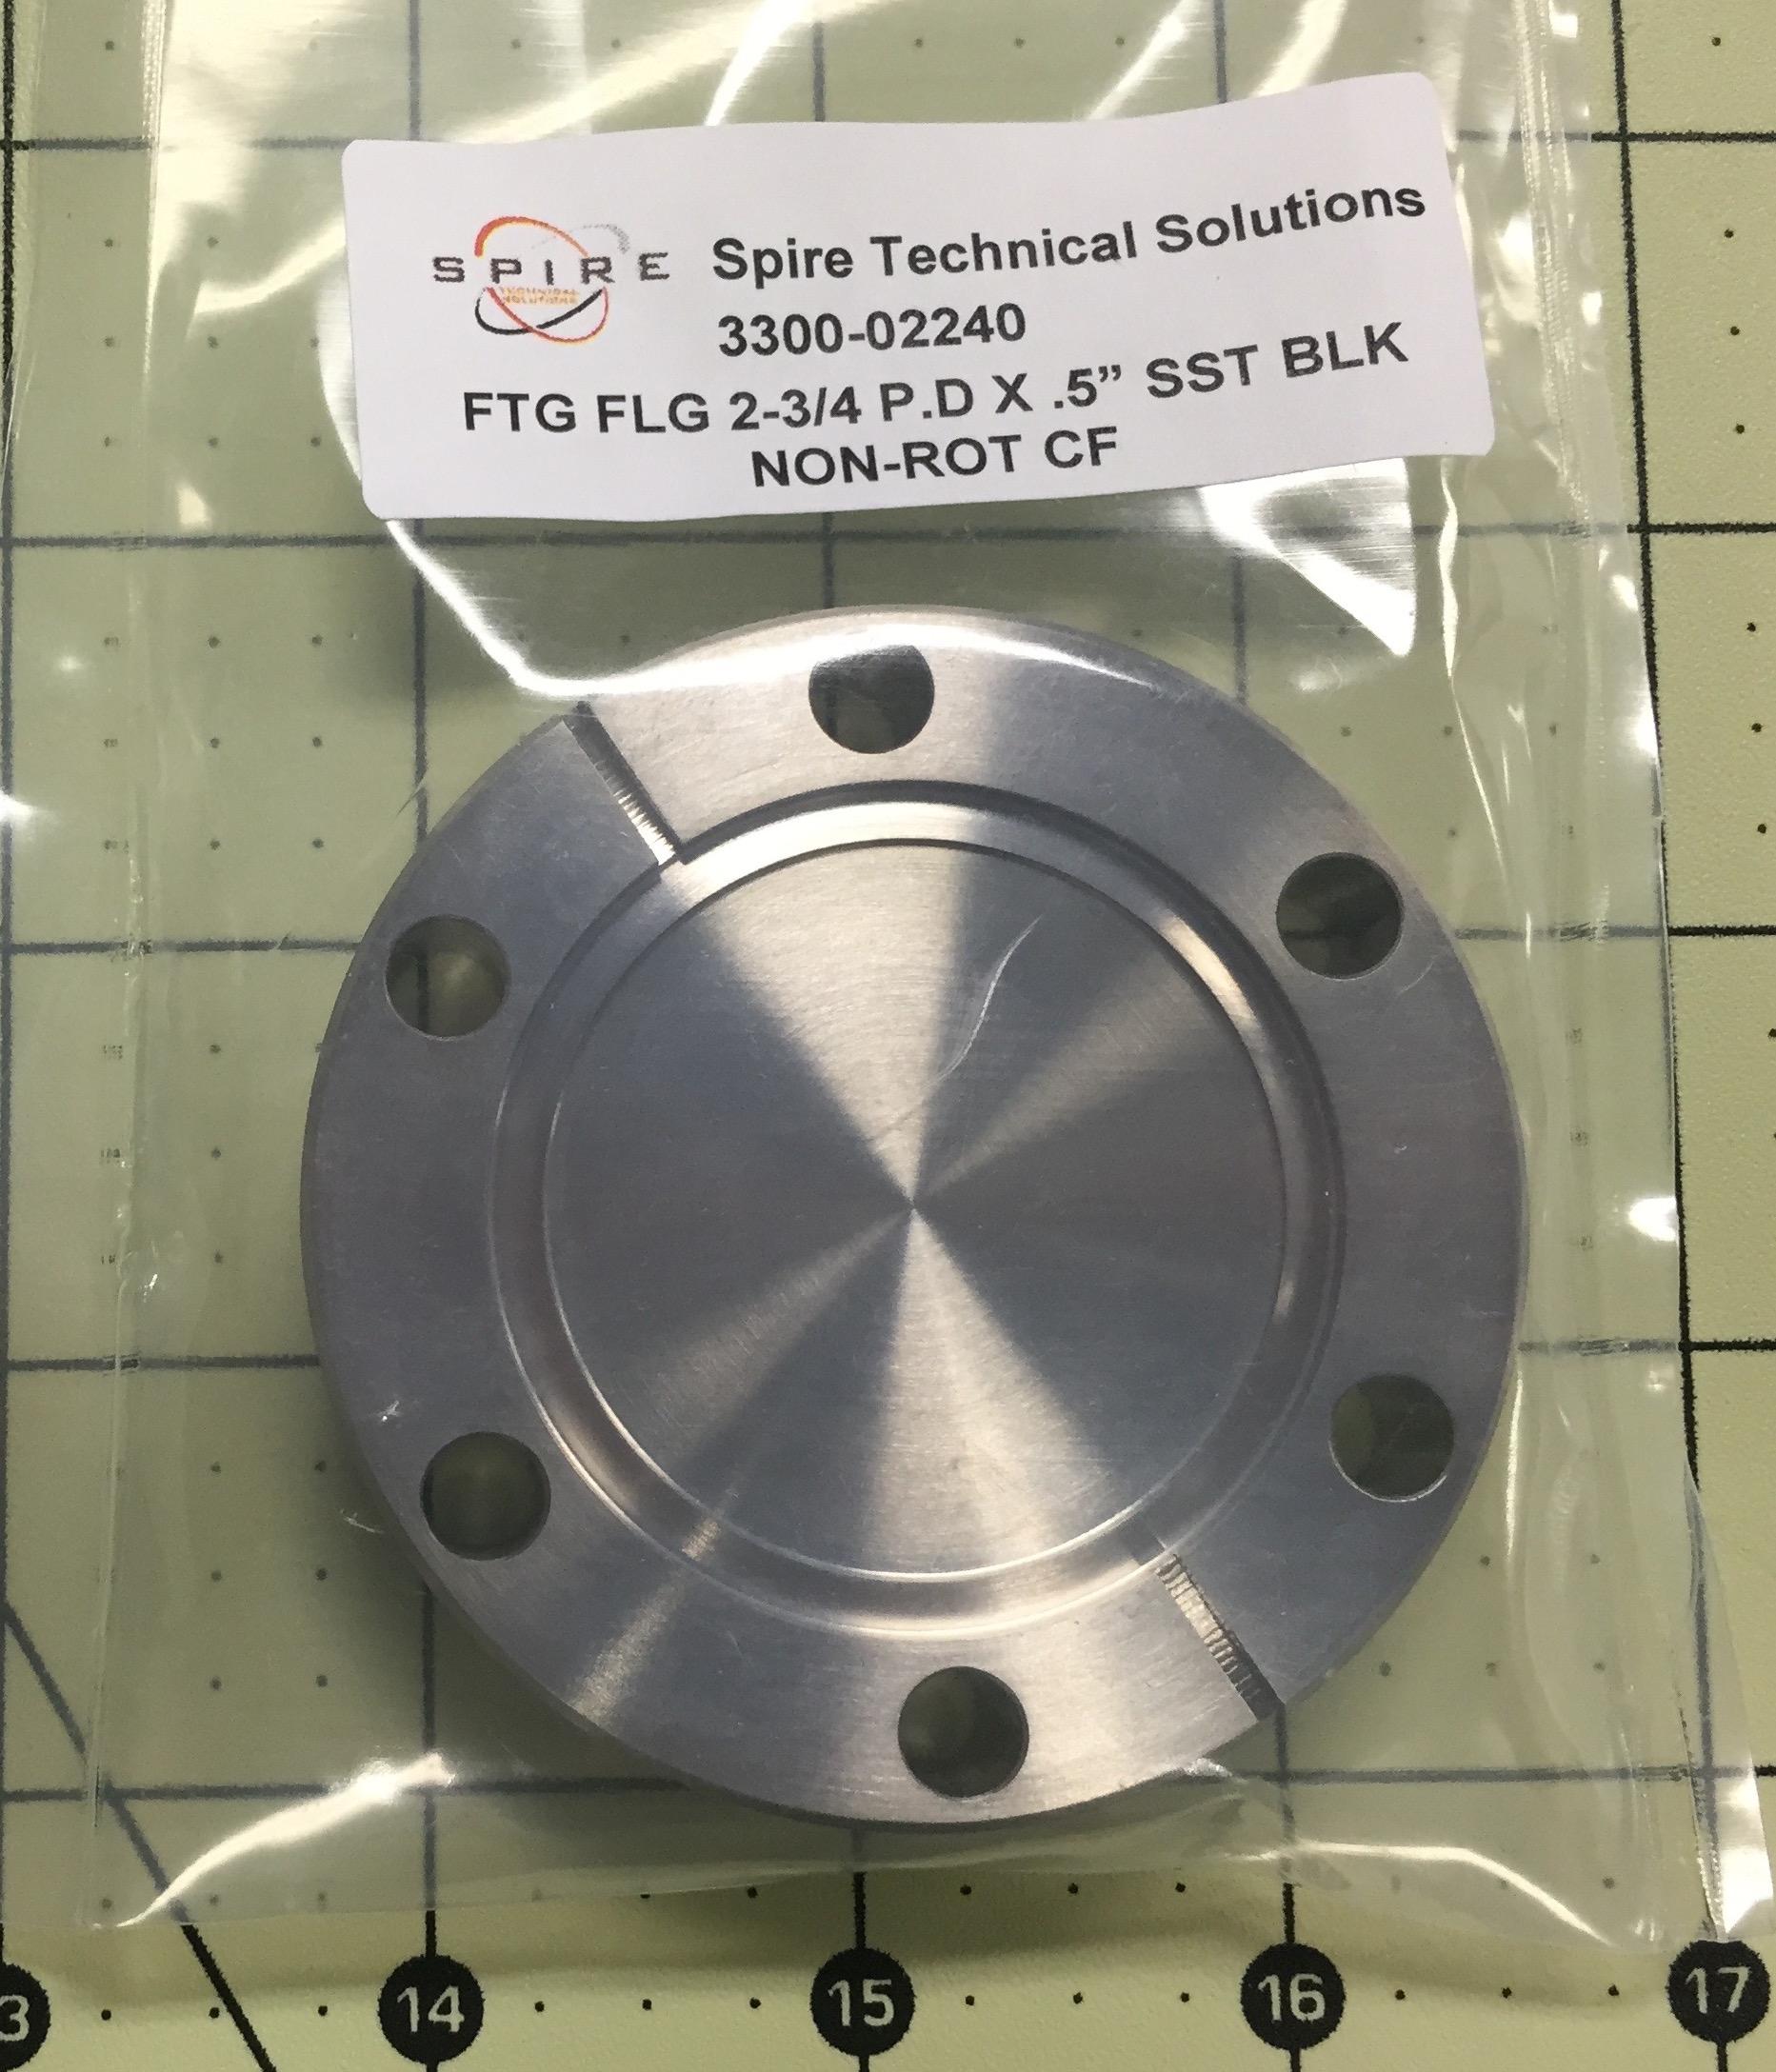 """FTG FLG 2-3/4 P.D X .5"""" SST BLK NON-ROT CF"""